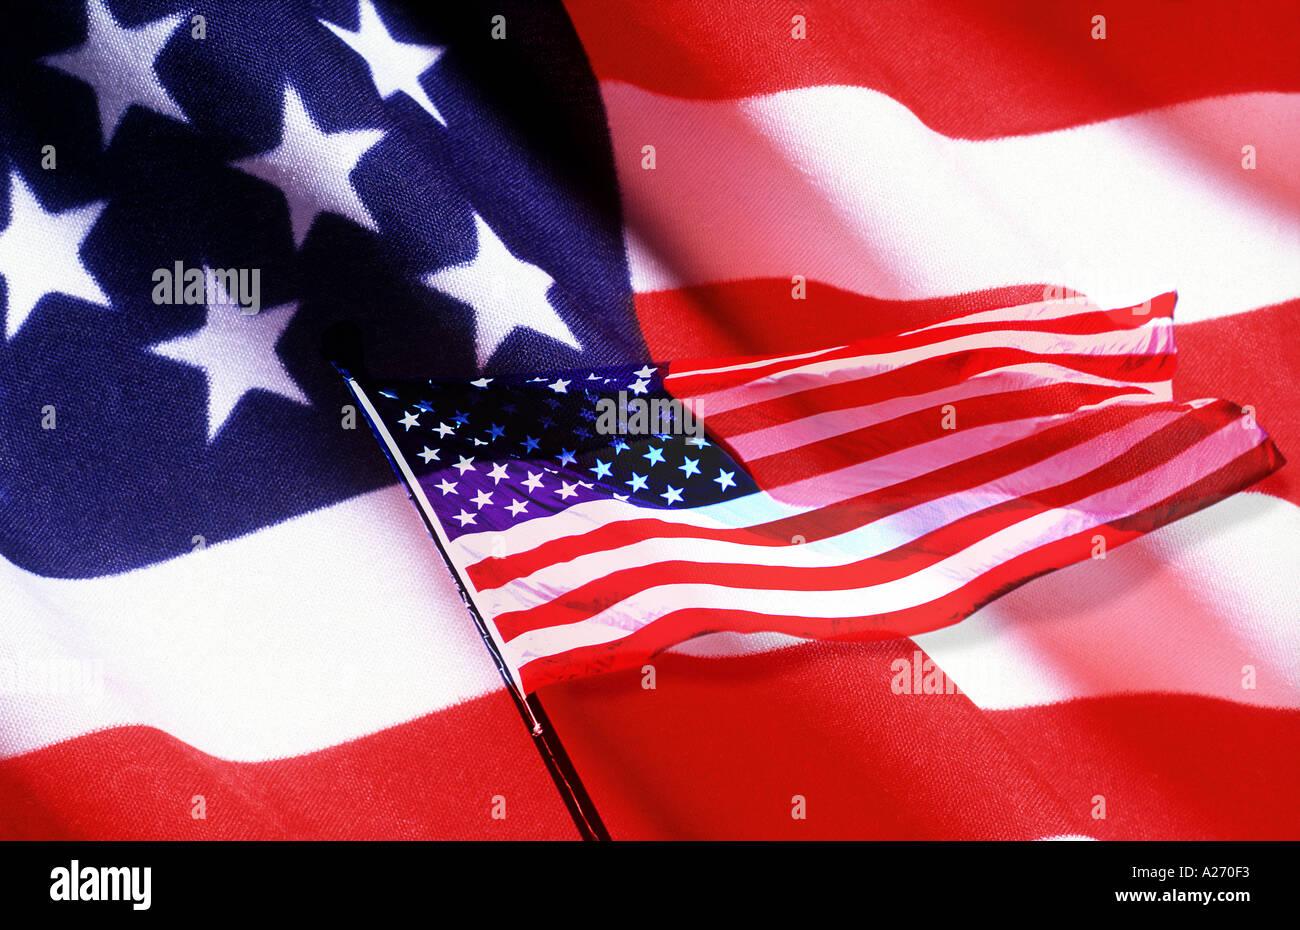 Sterne Streifen USA Flagge Konzept Stockbild